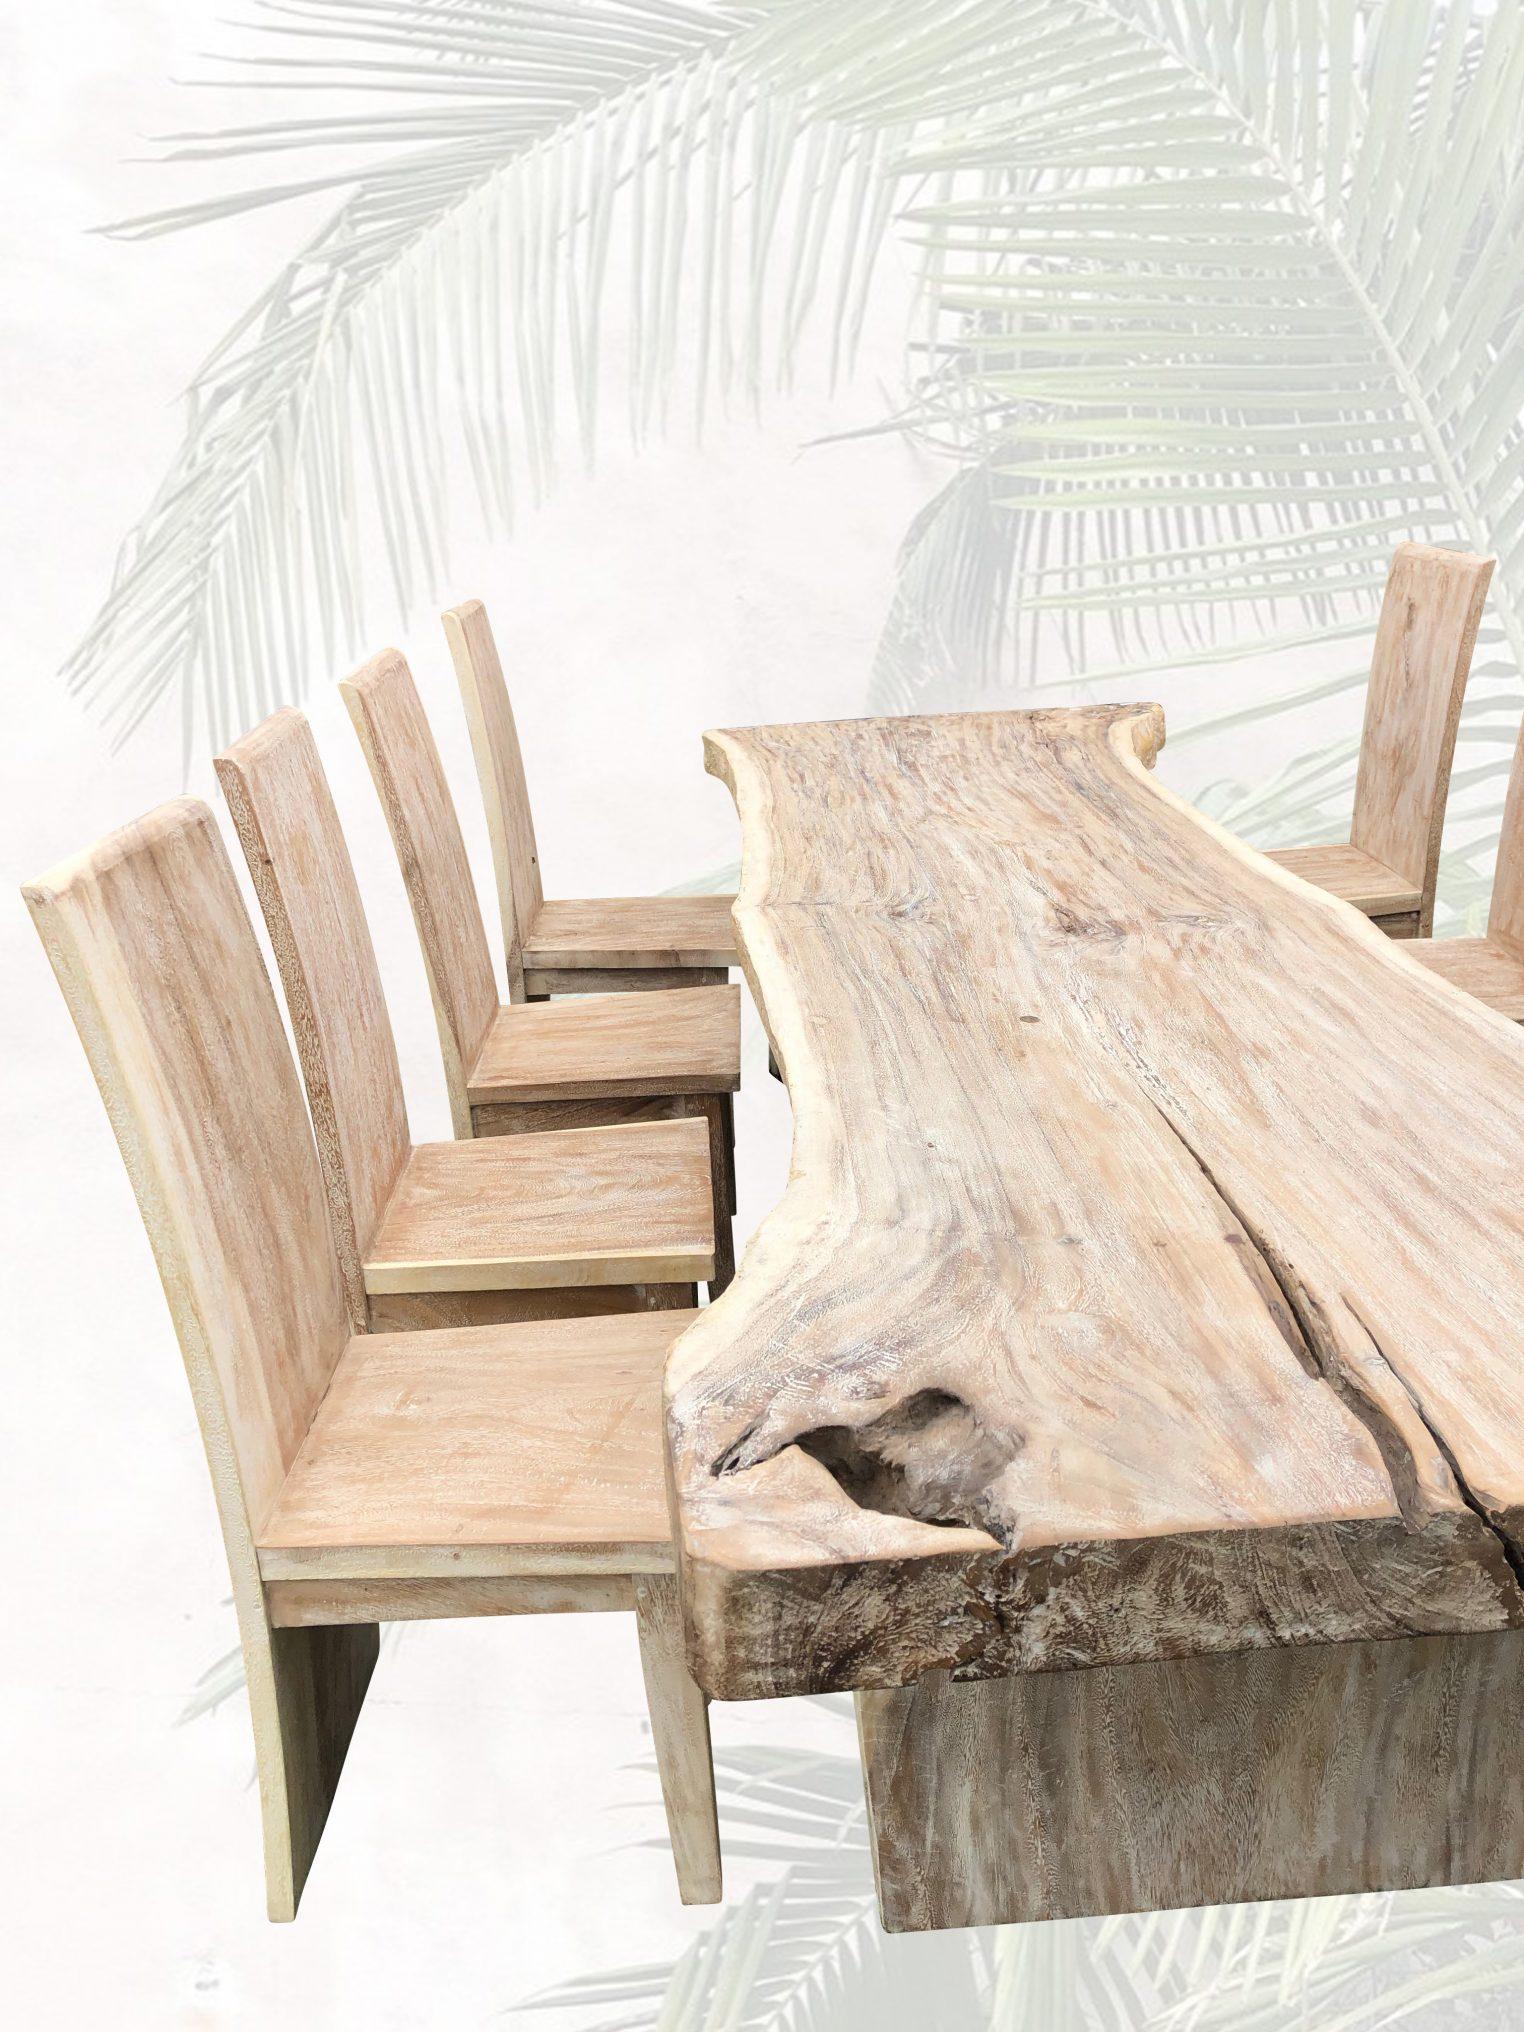 Full Size of Esstisch Mit Stühlen Groer Massivholz 8 Sthlen Dari Asia Antike Glas Ausziehbar Weiß Big Sofa Hocker Oval Skandinavisch Bett Bettkasten 180x200 Massiv Esstische Esstisch Mit Stühlen